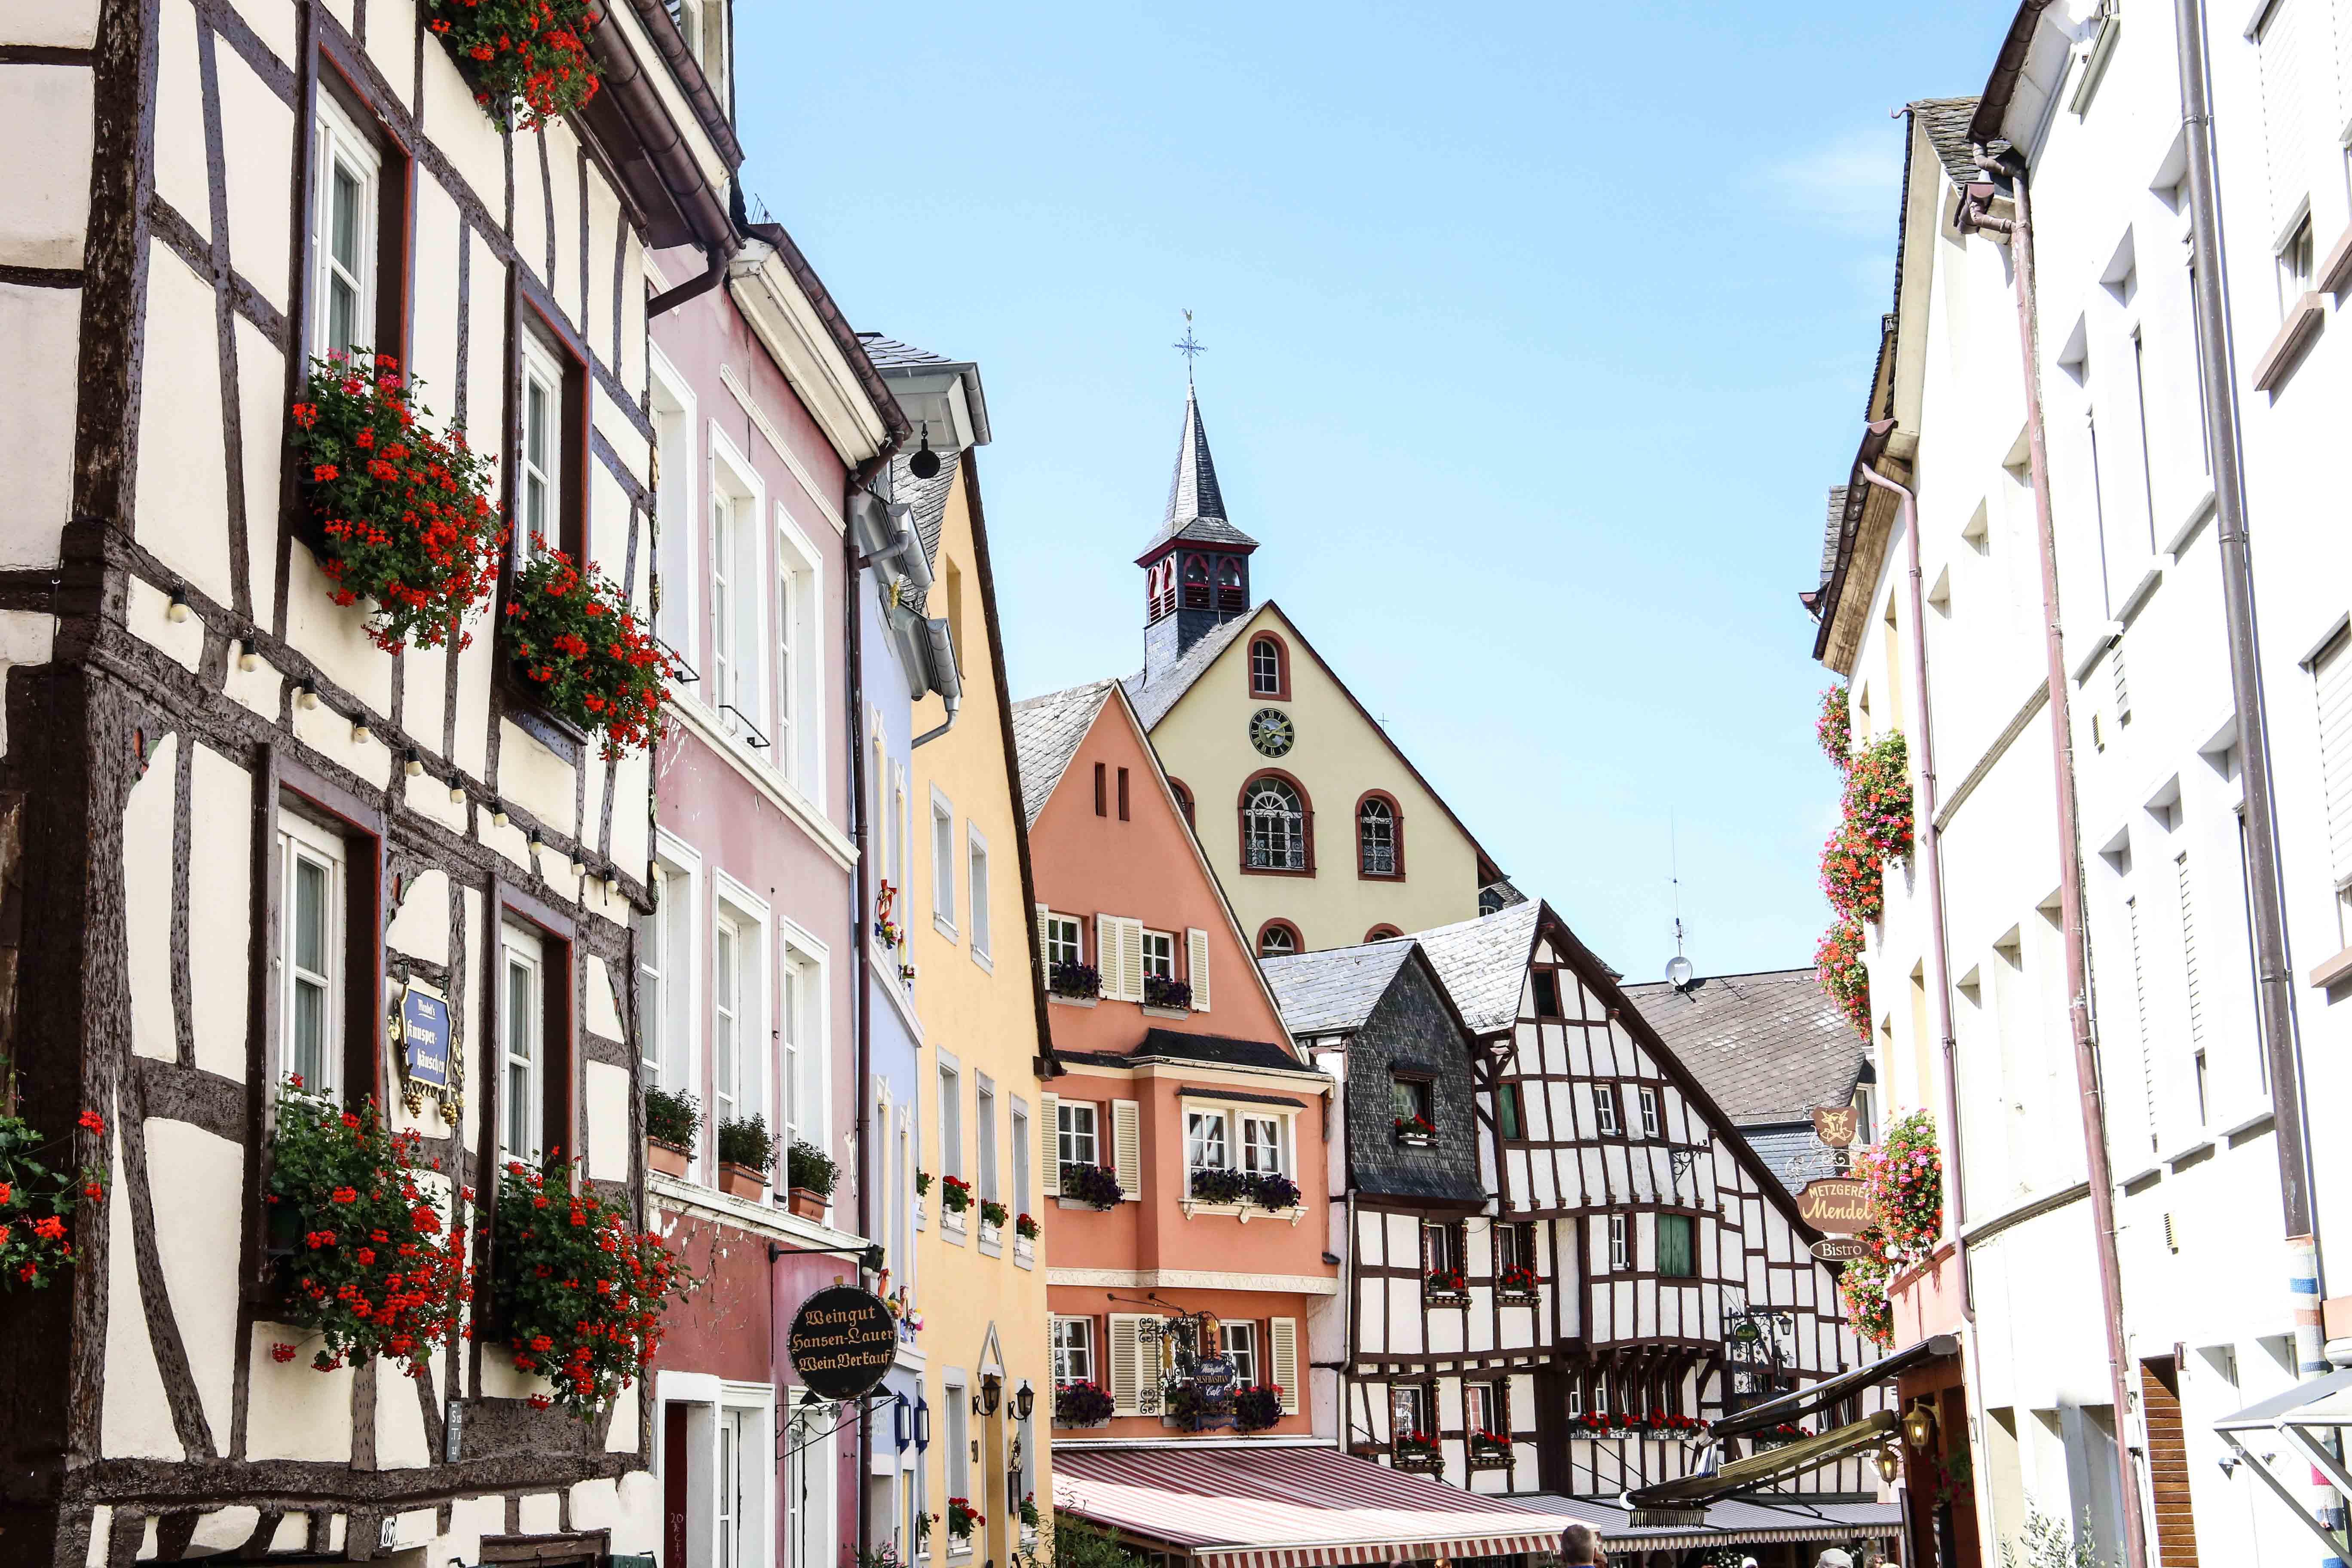 urlaub-mosel-regio-auszeit-romantik-jugendstilhotel-bellevue-traben-trarbach-deutschland-blogger_9024